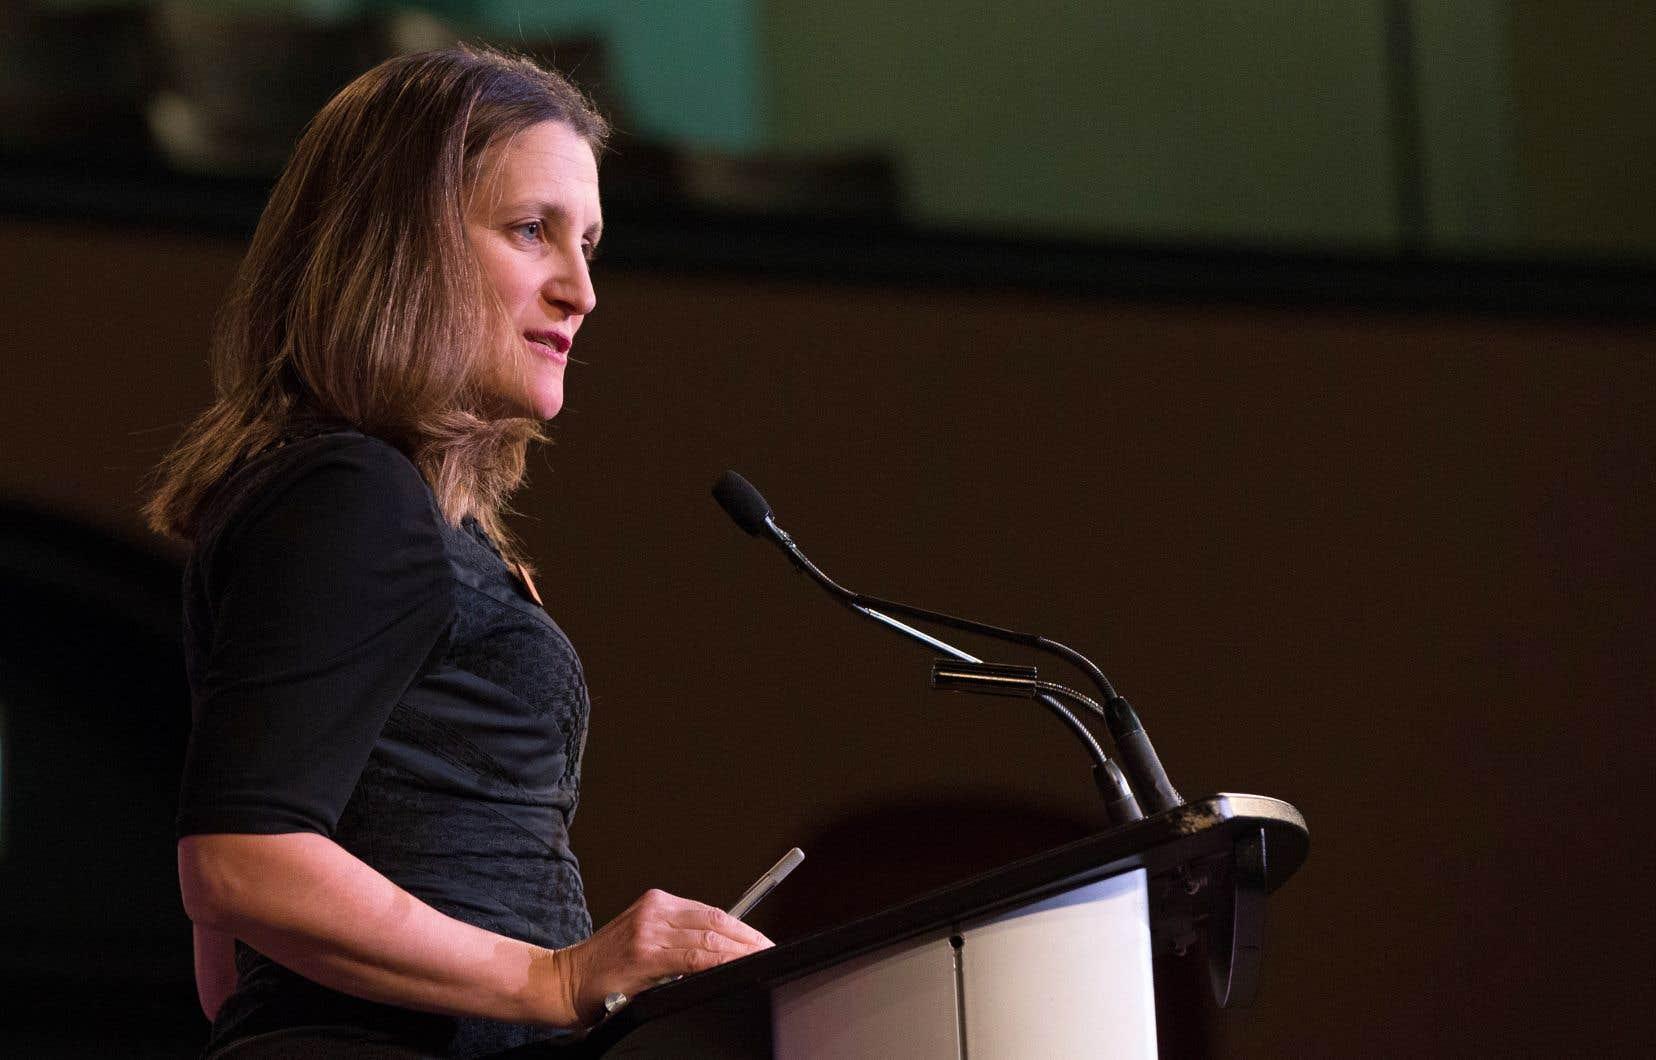 La réunion canadienne avait été promise par Chrystia Freeland et son homologue de l'Union européenne, Frederica Mogherini, le printemps dernier.